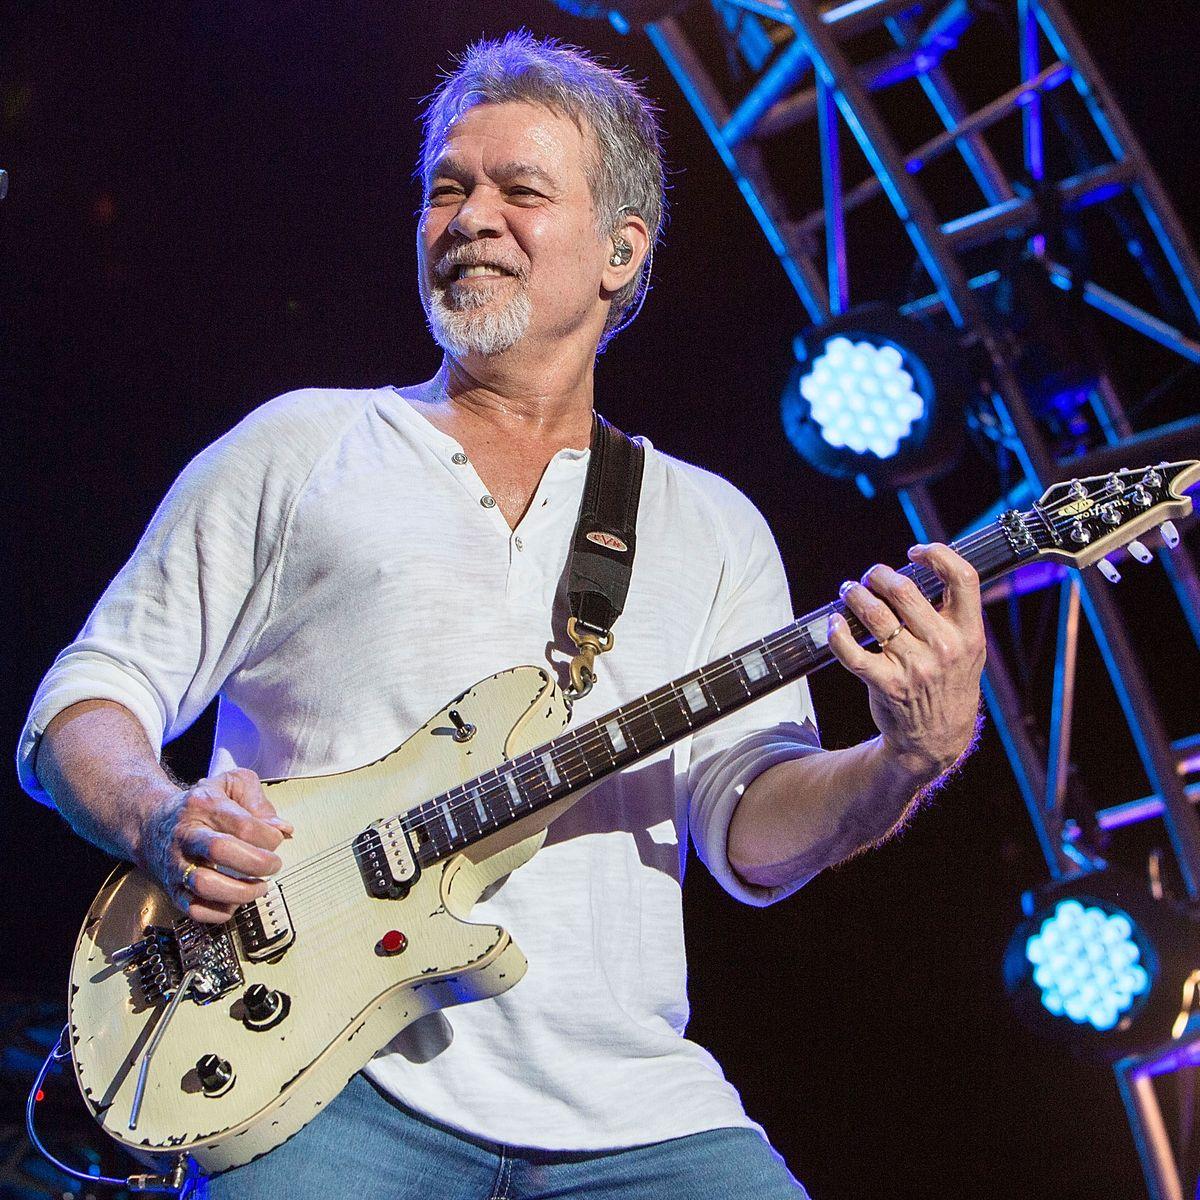 Foto von Wolfgang Van Halen  & sein  Vater  Eddie Van Halen